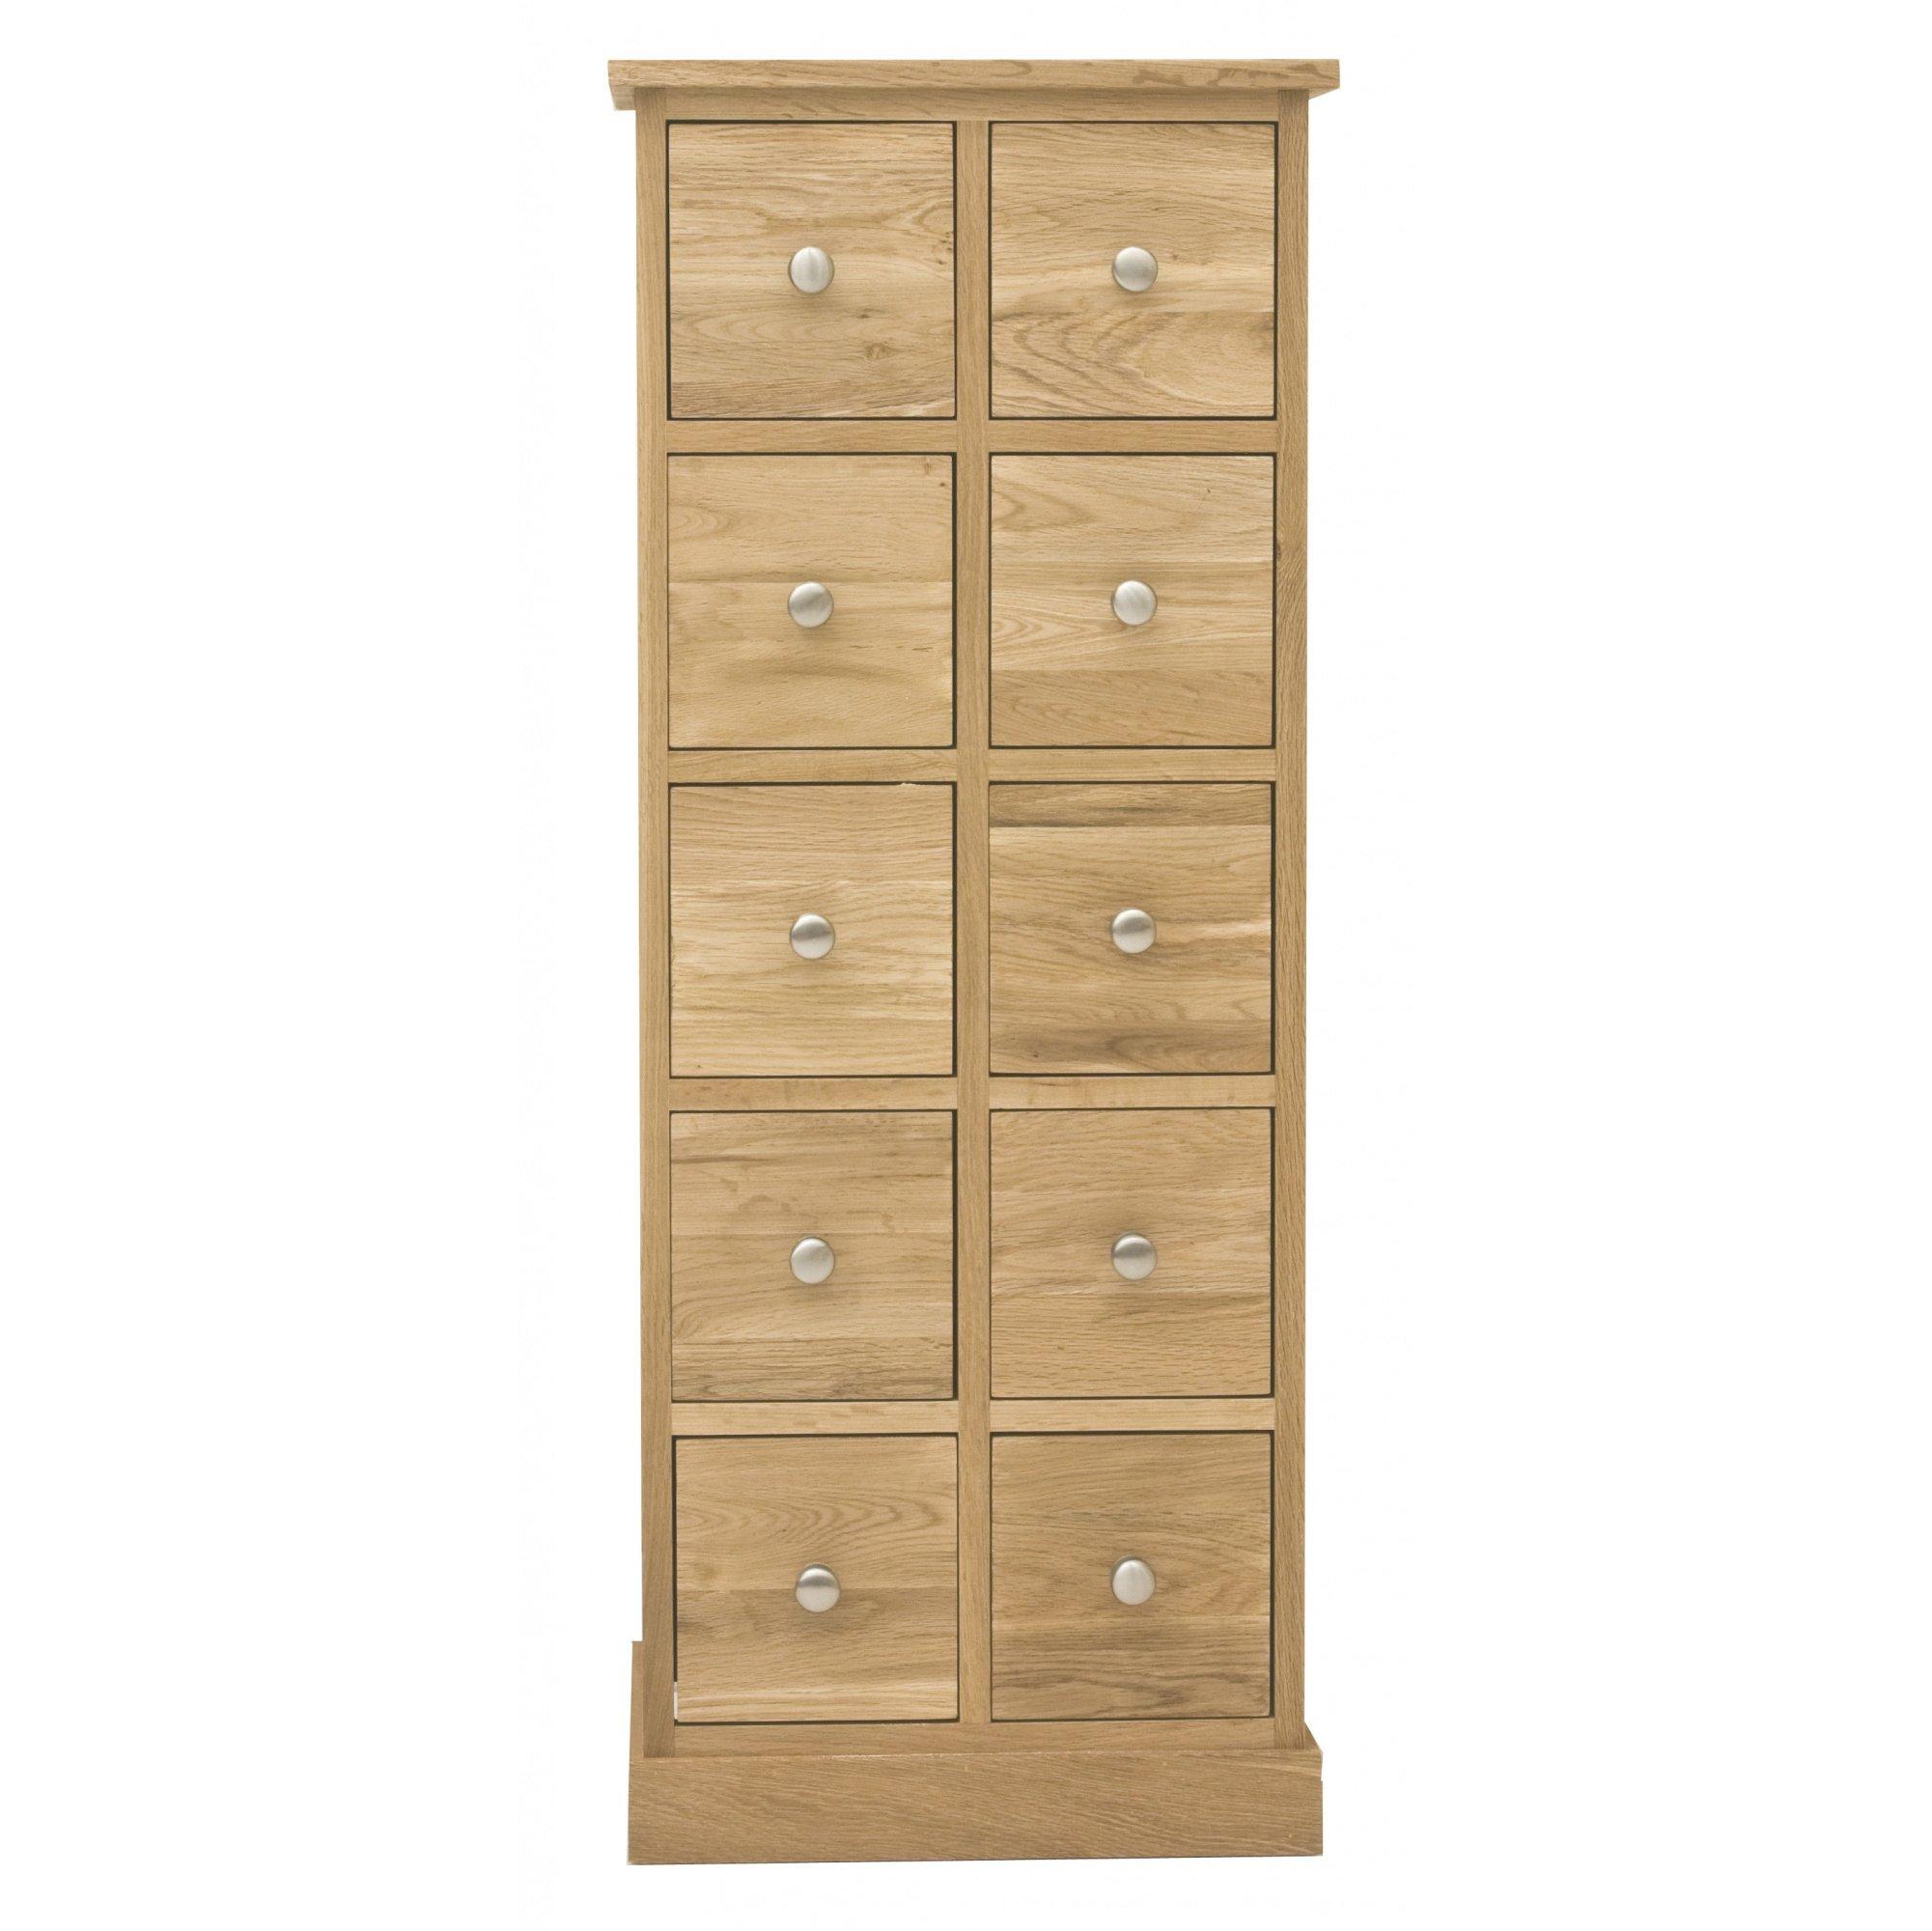 mobel oak multi drawer dvd cd storage chest. Black Bedroom Furniture Sets. Home Design Ideas